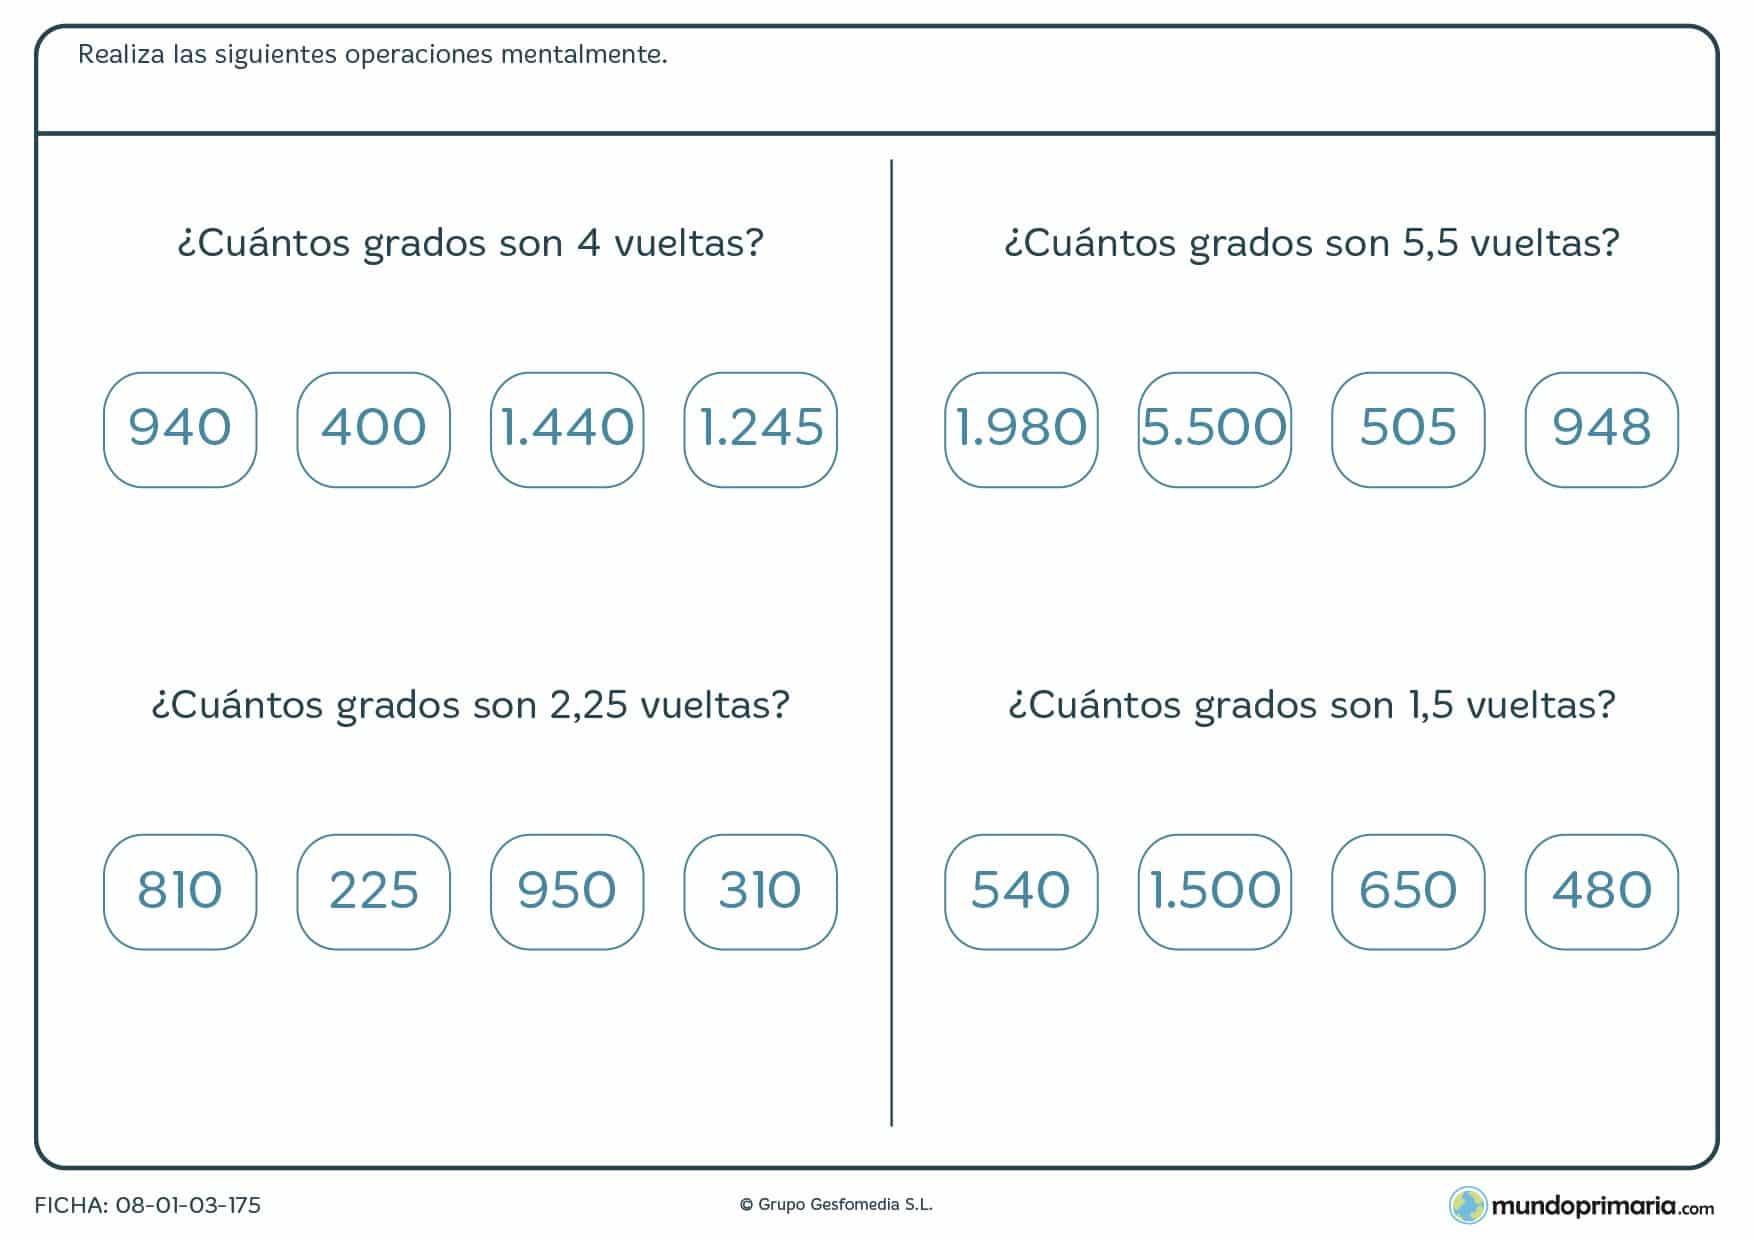 Ficha de operaciones de vueltas y grados matemáticos para Primaria